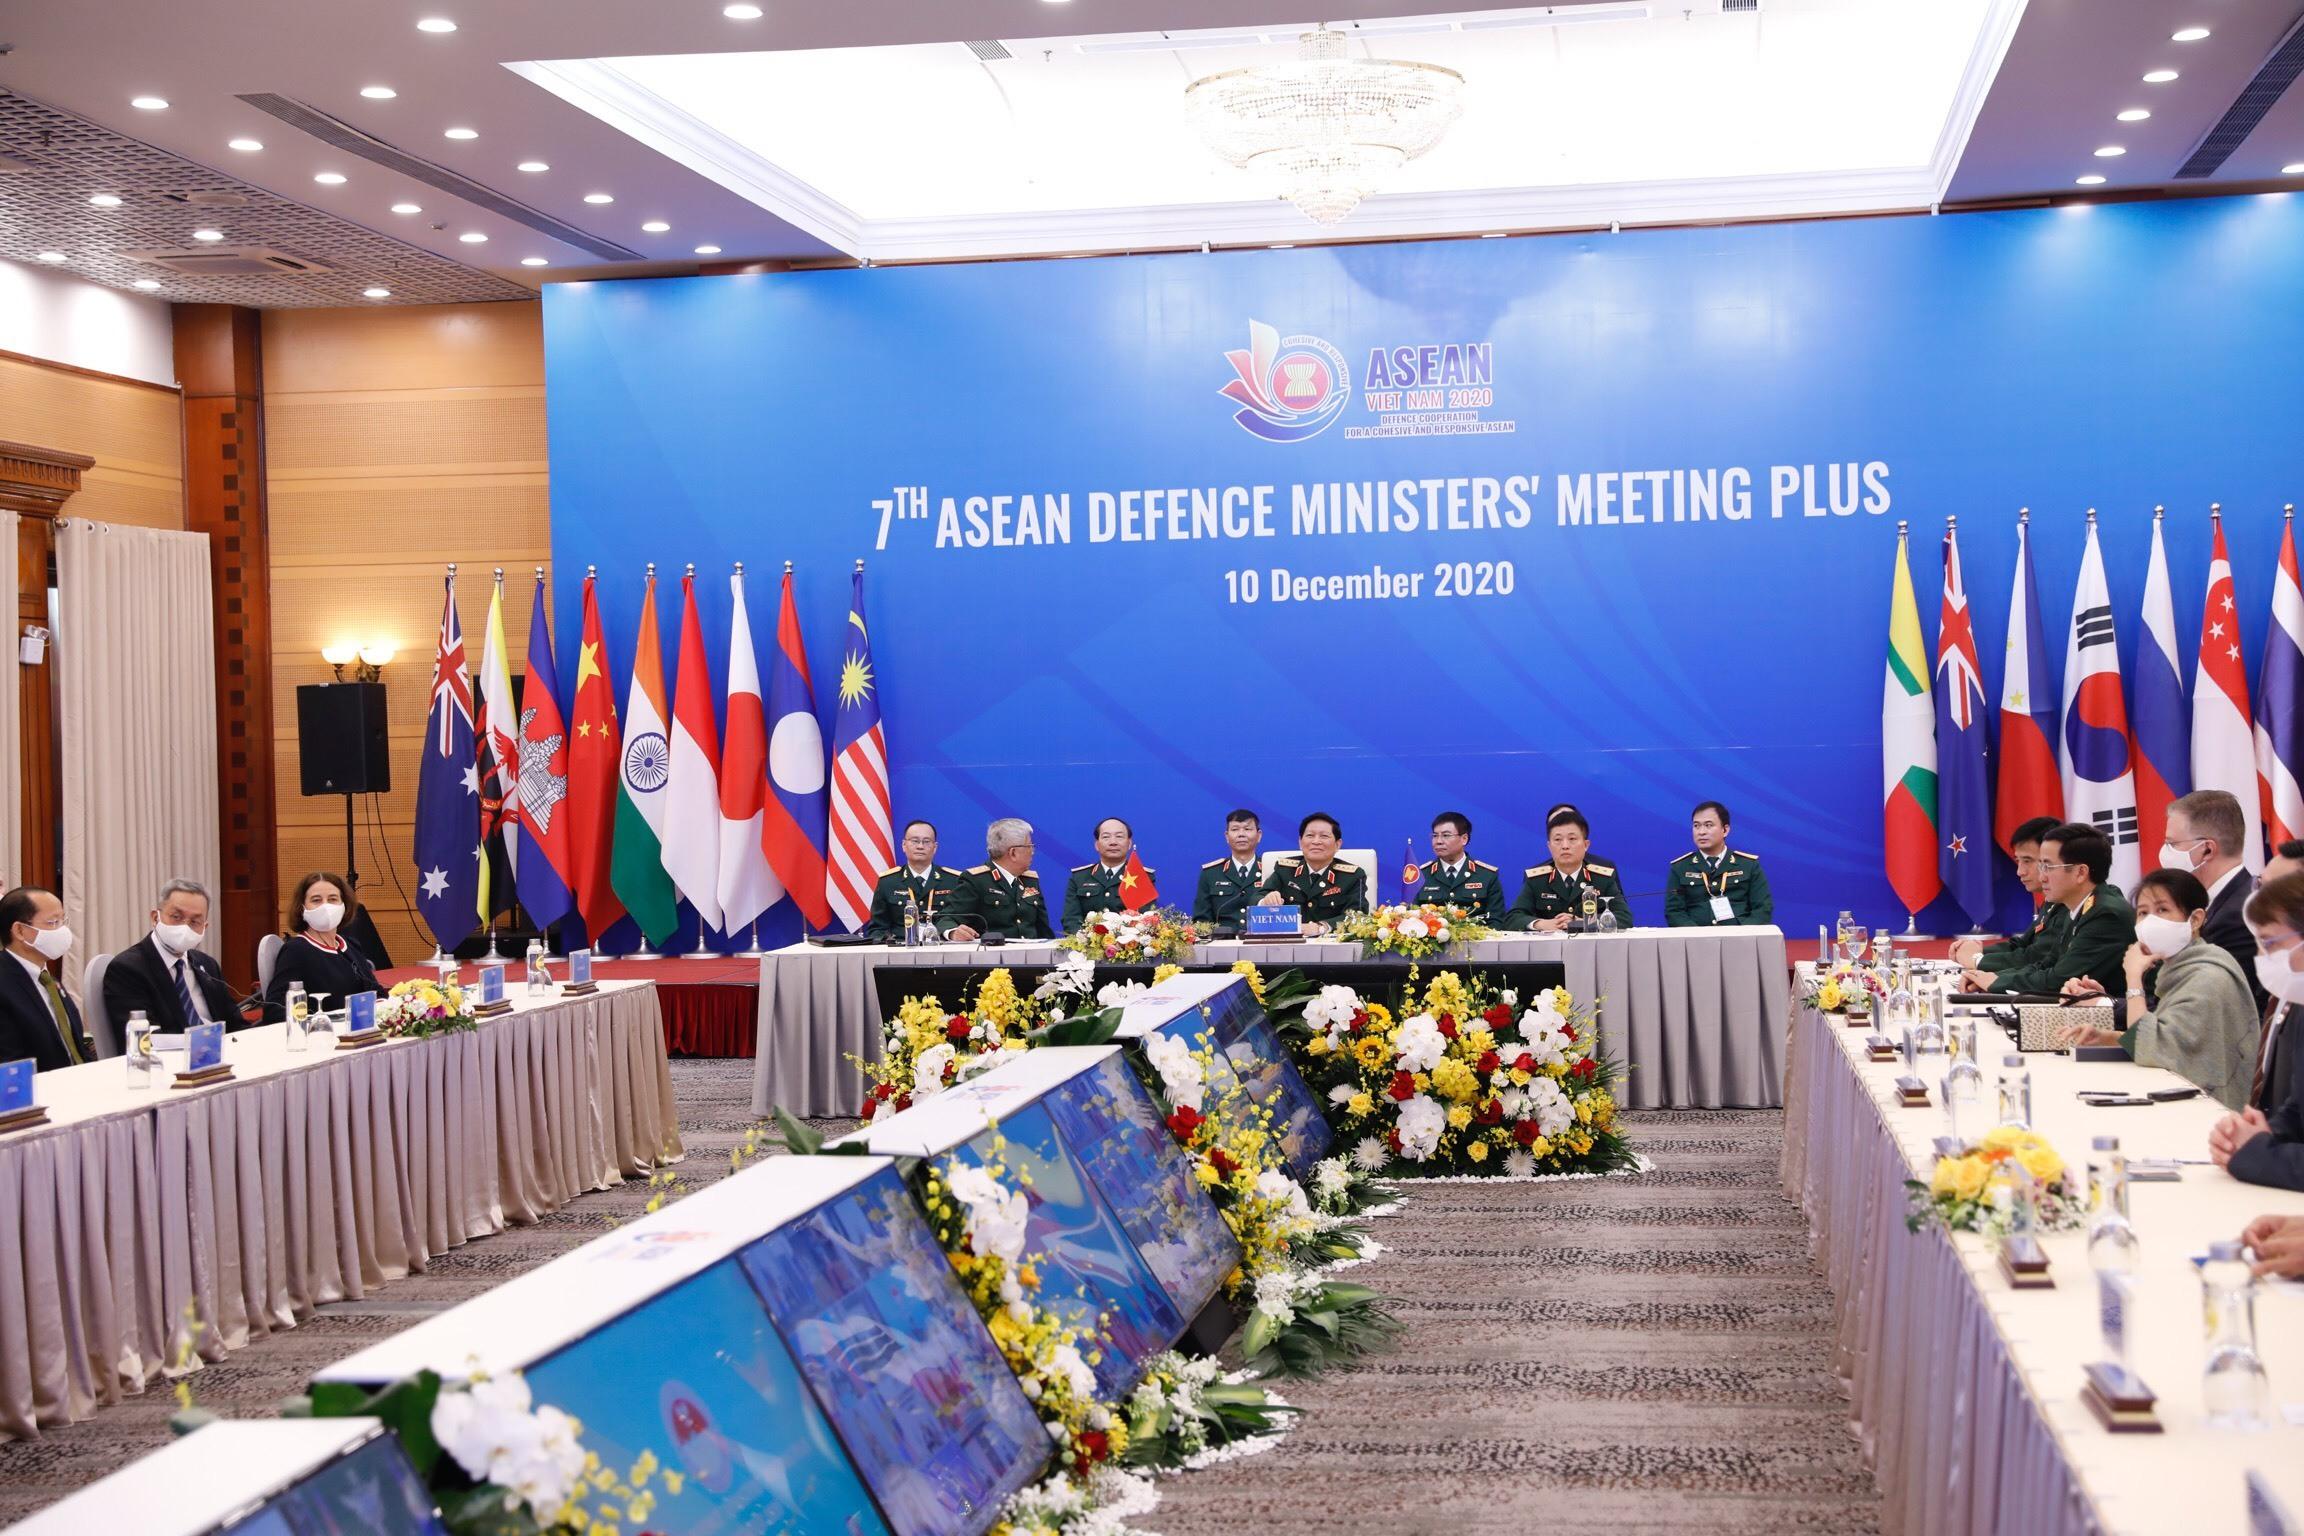 Bộ trưởng Quốc phòng: Chung tay để ứng phó với thách thức an ninh